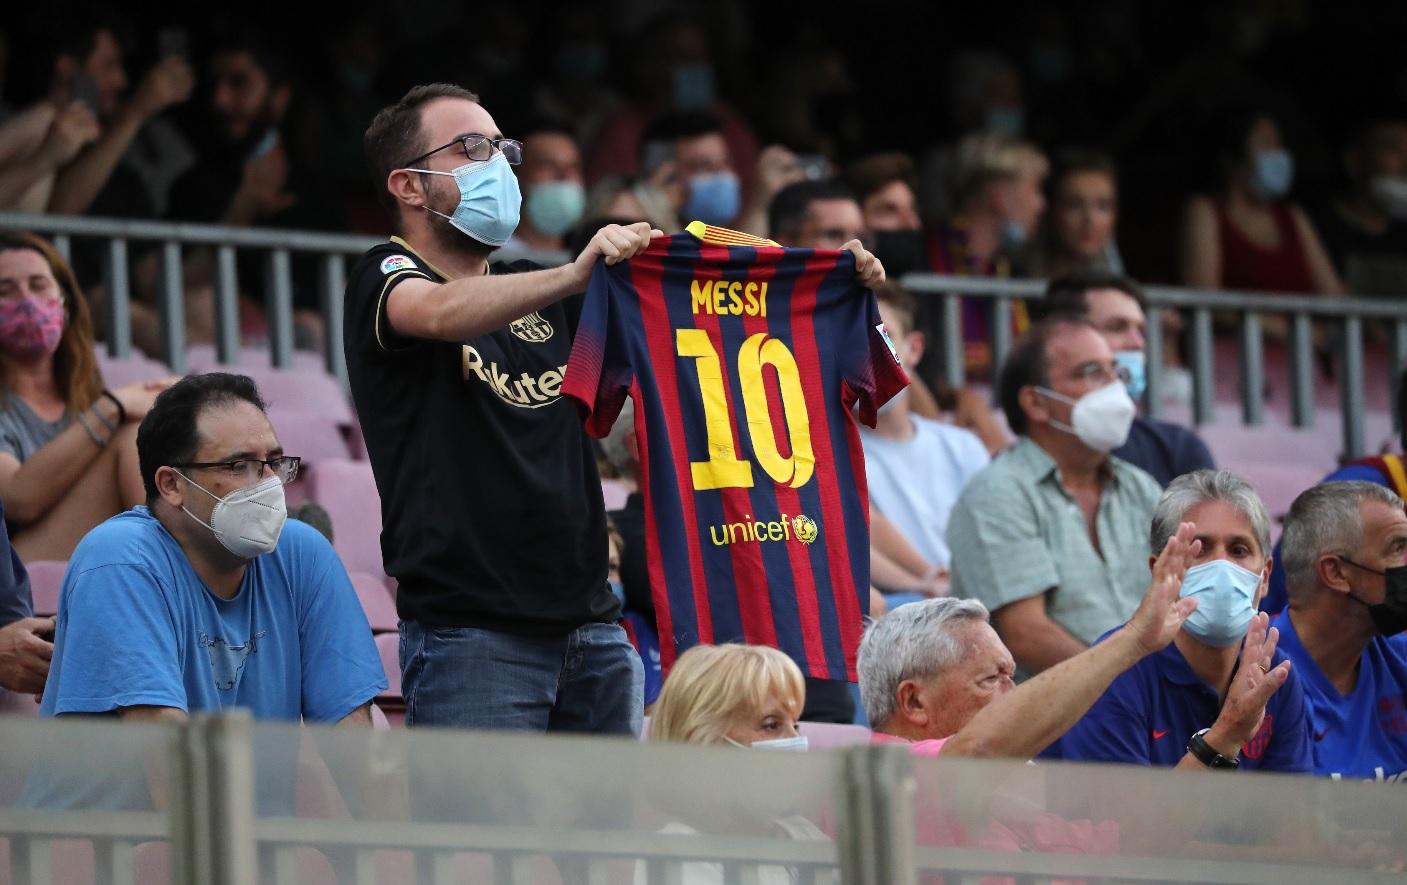 No pressure, kid! Barcelona a ales noul număr 10. Cine va fi urmaşul lui Lionel Messi